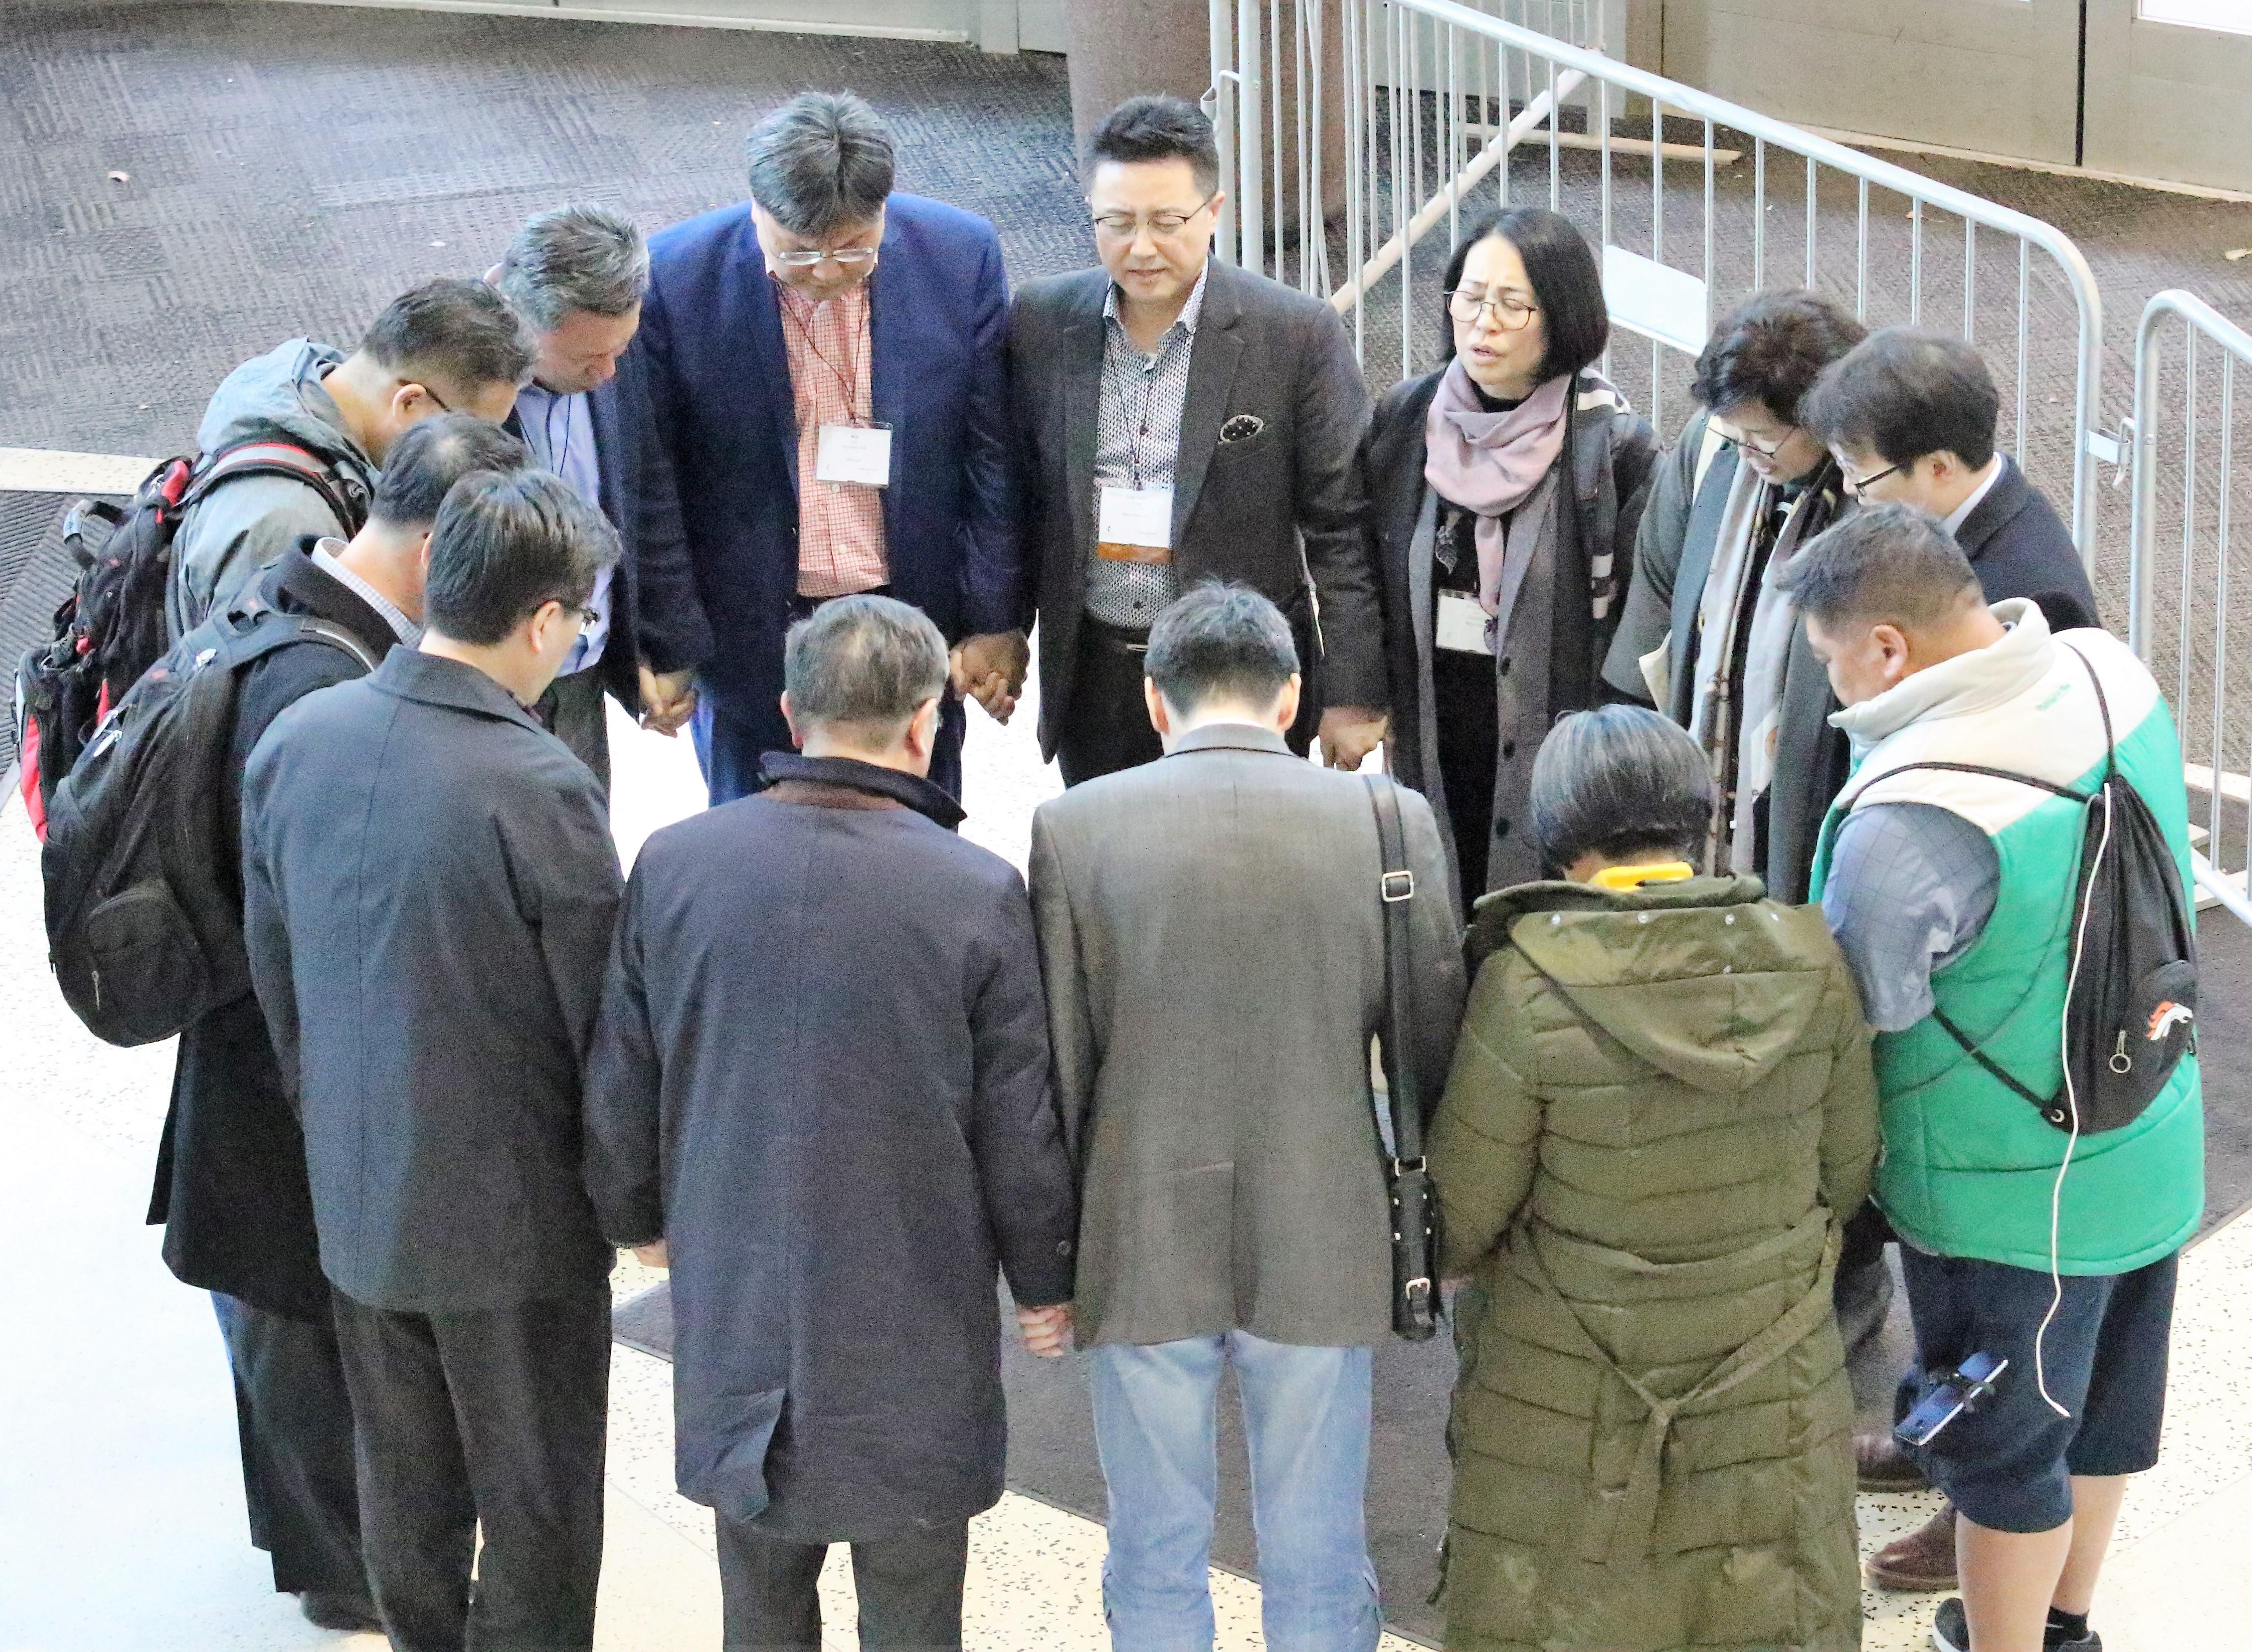 총회 기간에 한인연합감리교인들이 총회장 입구에서 기도하고 있다. 사진 김응선 목사, UMNS